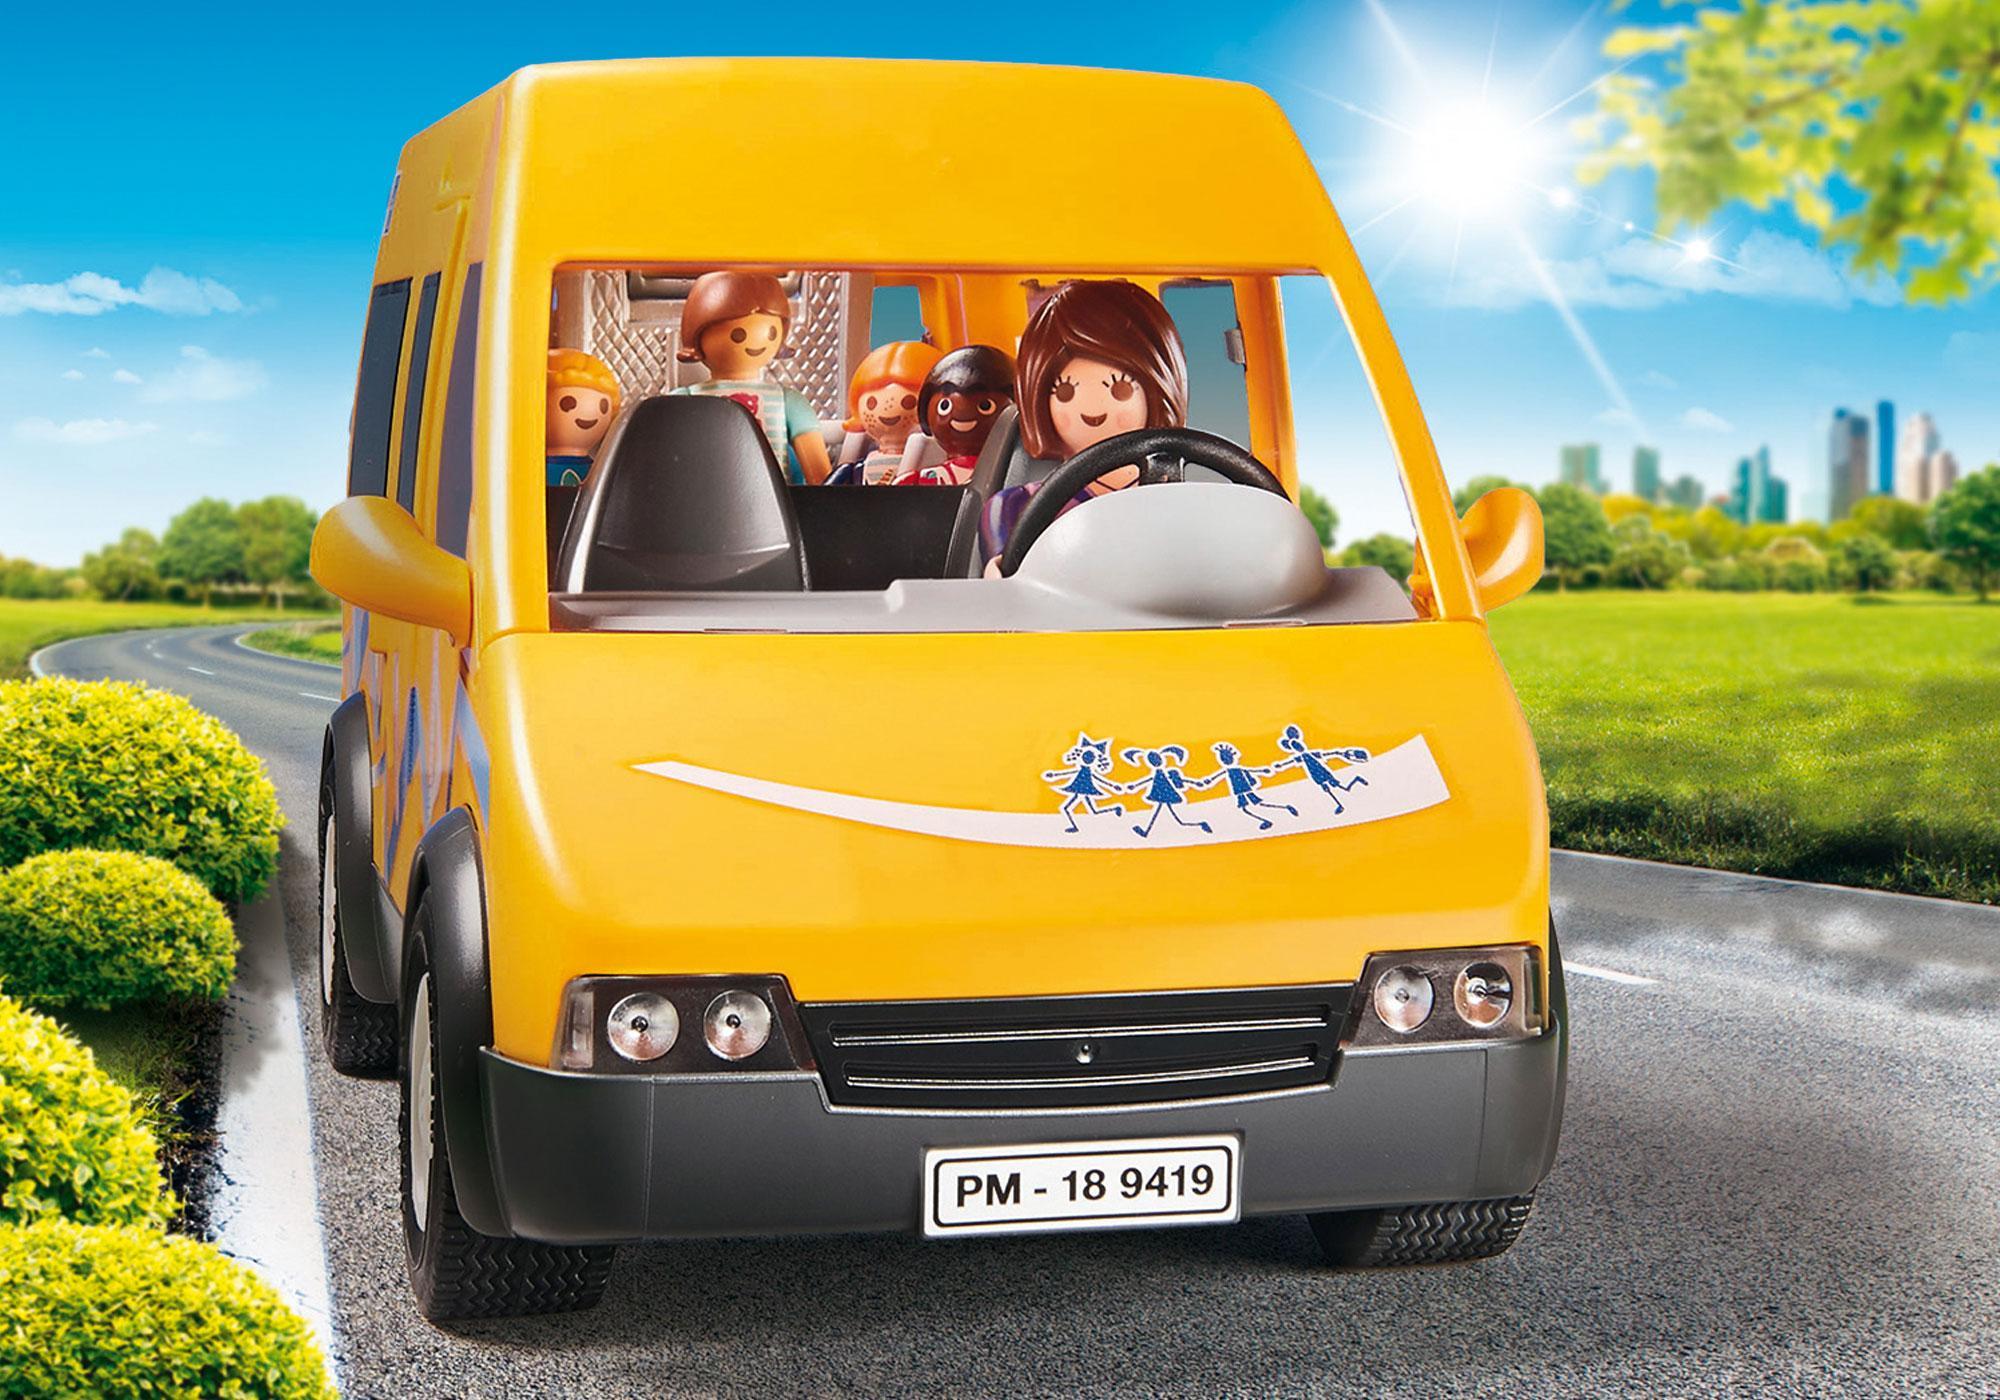 http://media.playmobil.com/i/playmobil/9419_product_extra3/Transporte Escolar